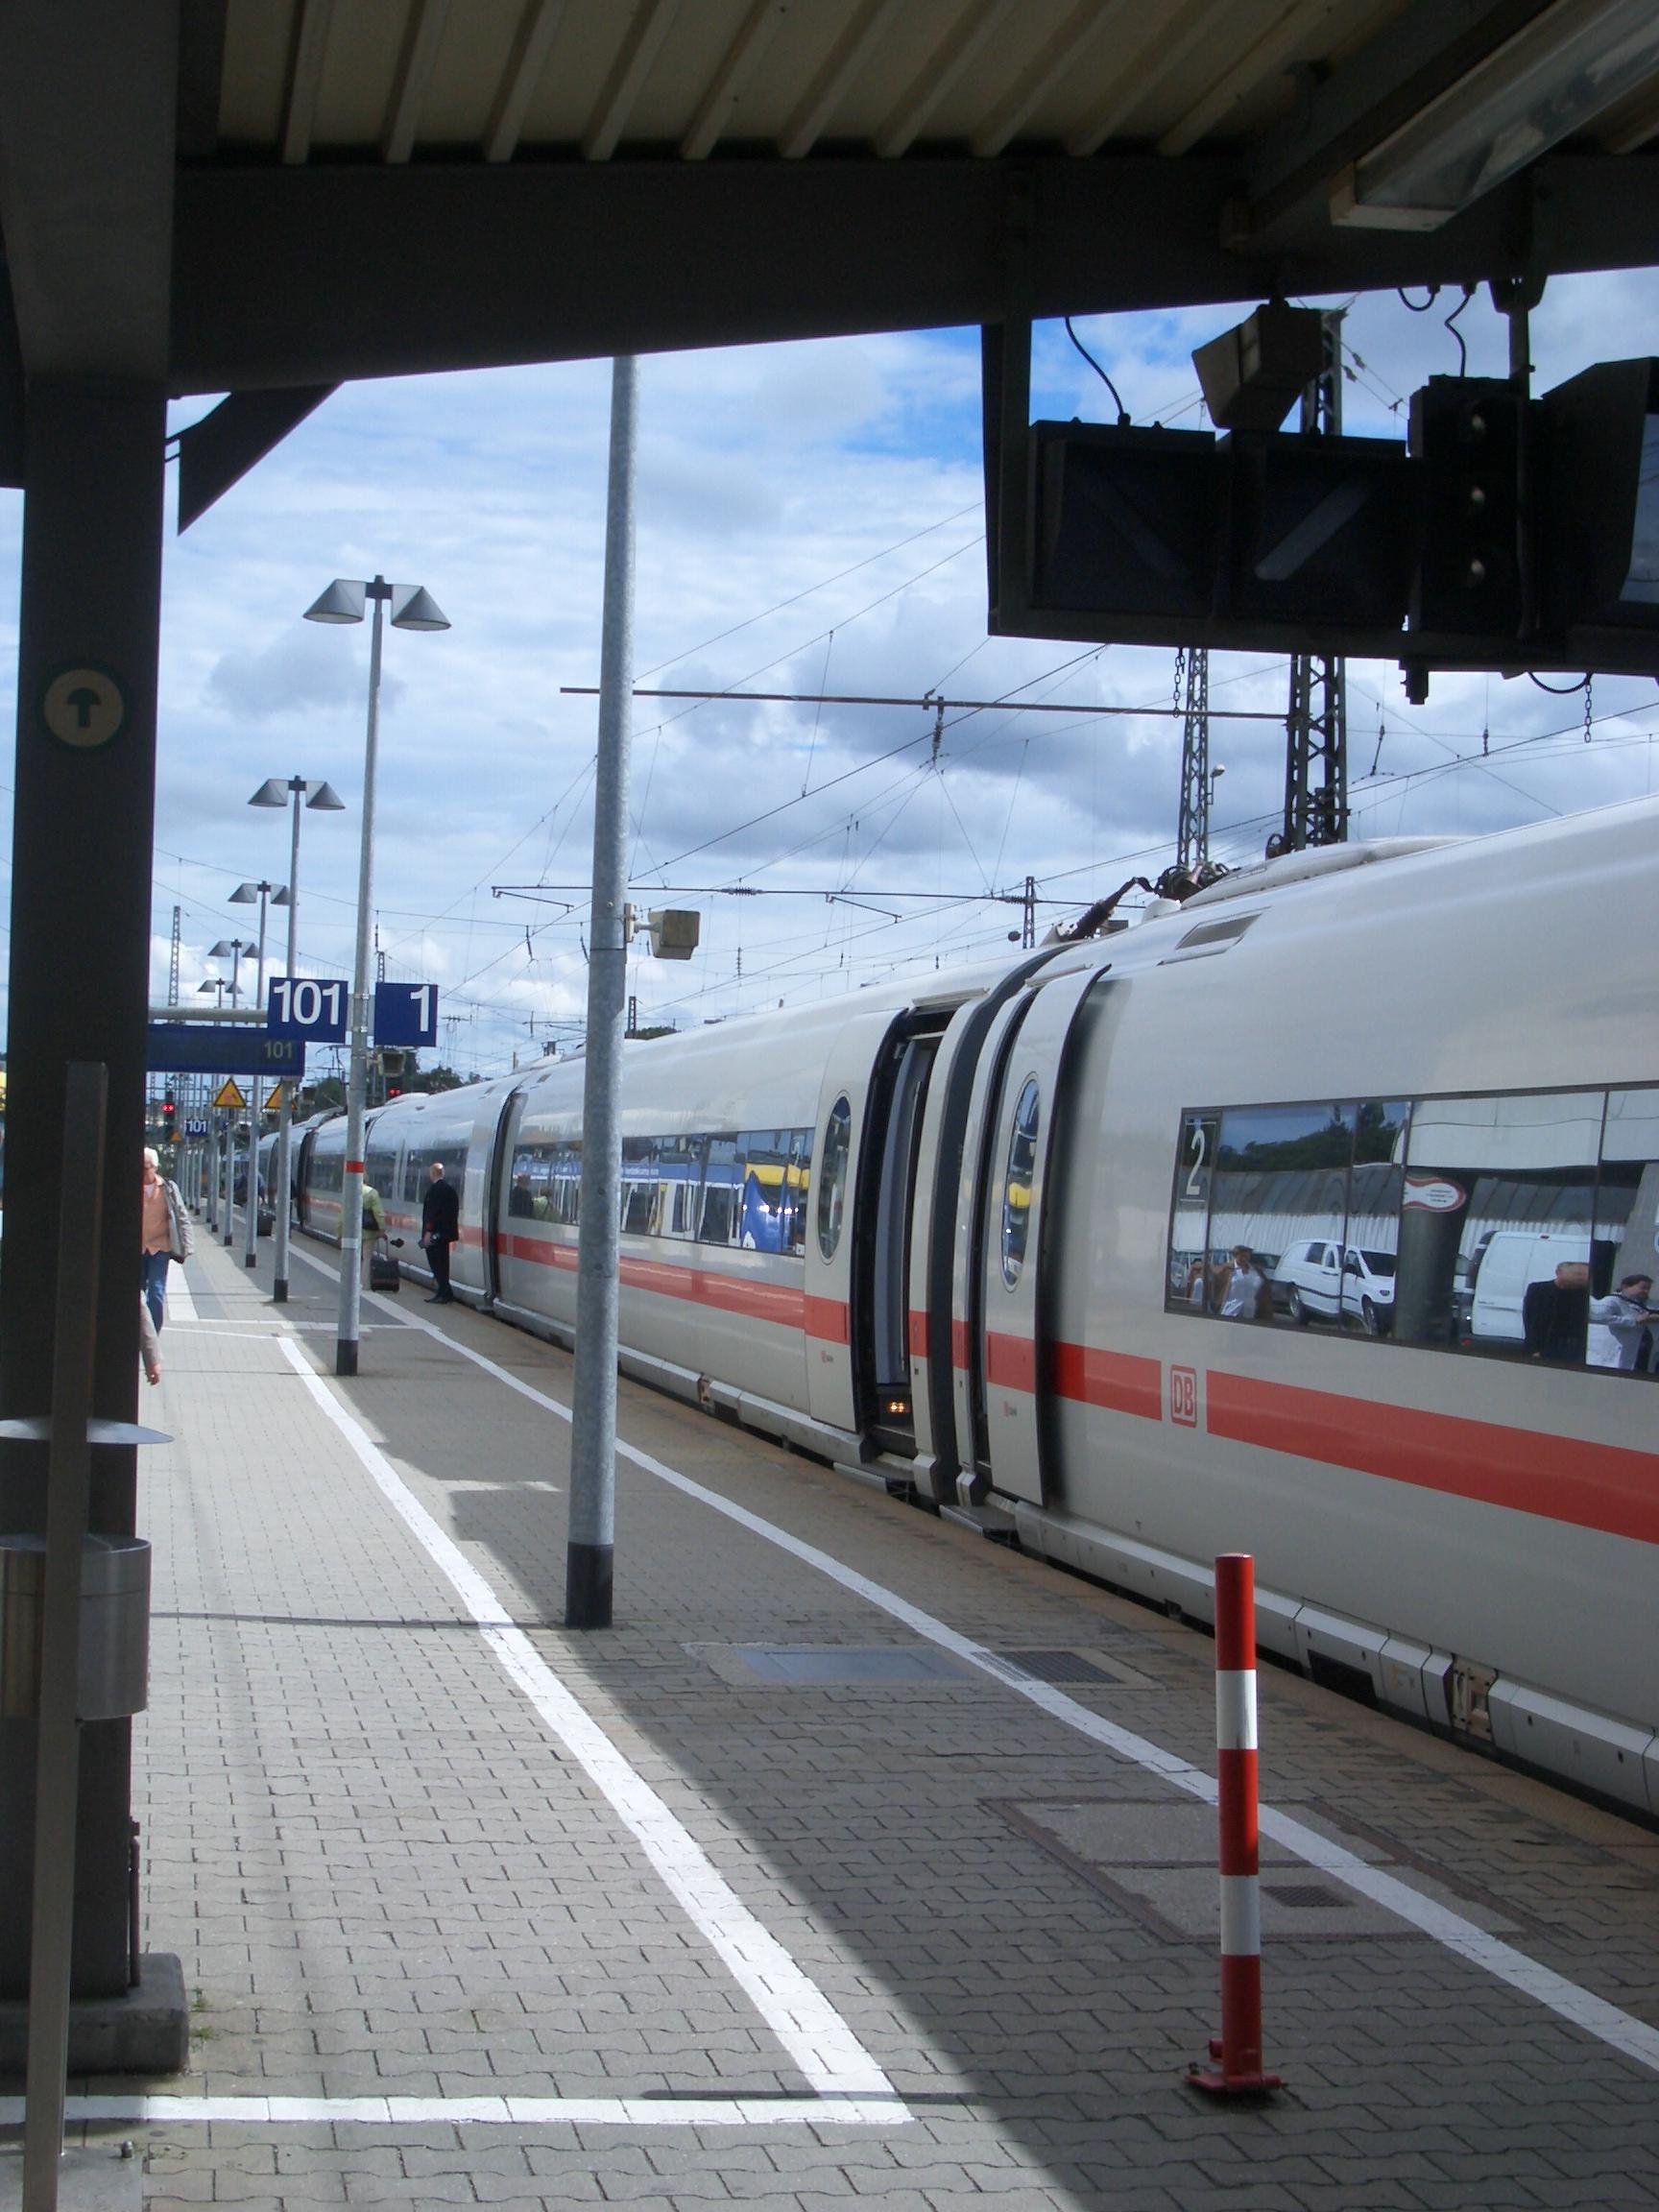 Bahnsteig 1 Süd für die 1.Klasse ICE, Hbf Augsburg